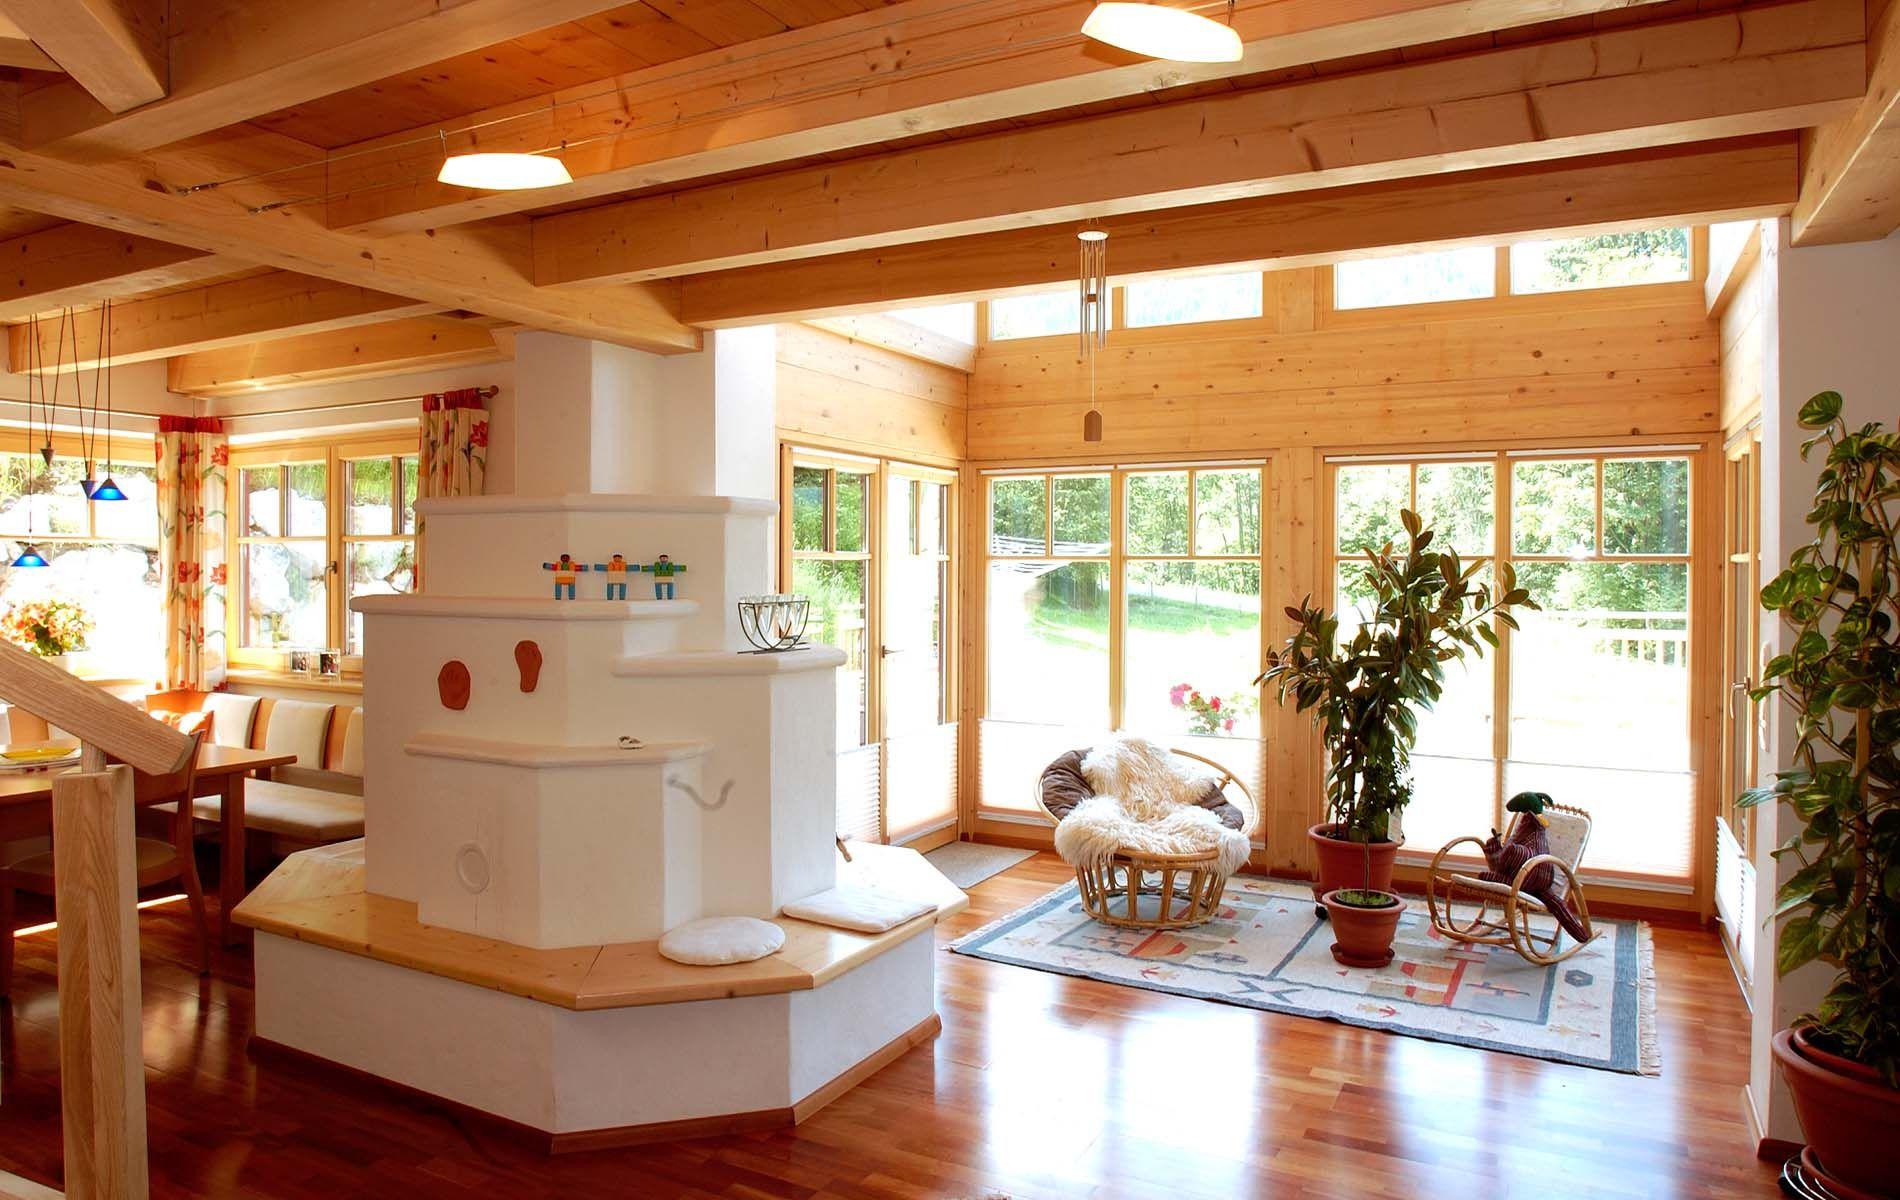 Einfamilienhaus innen freiraumgestaltung was wir for Einfamilienhaus innen